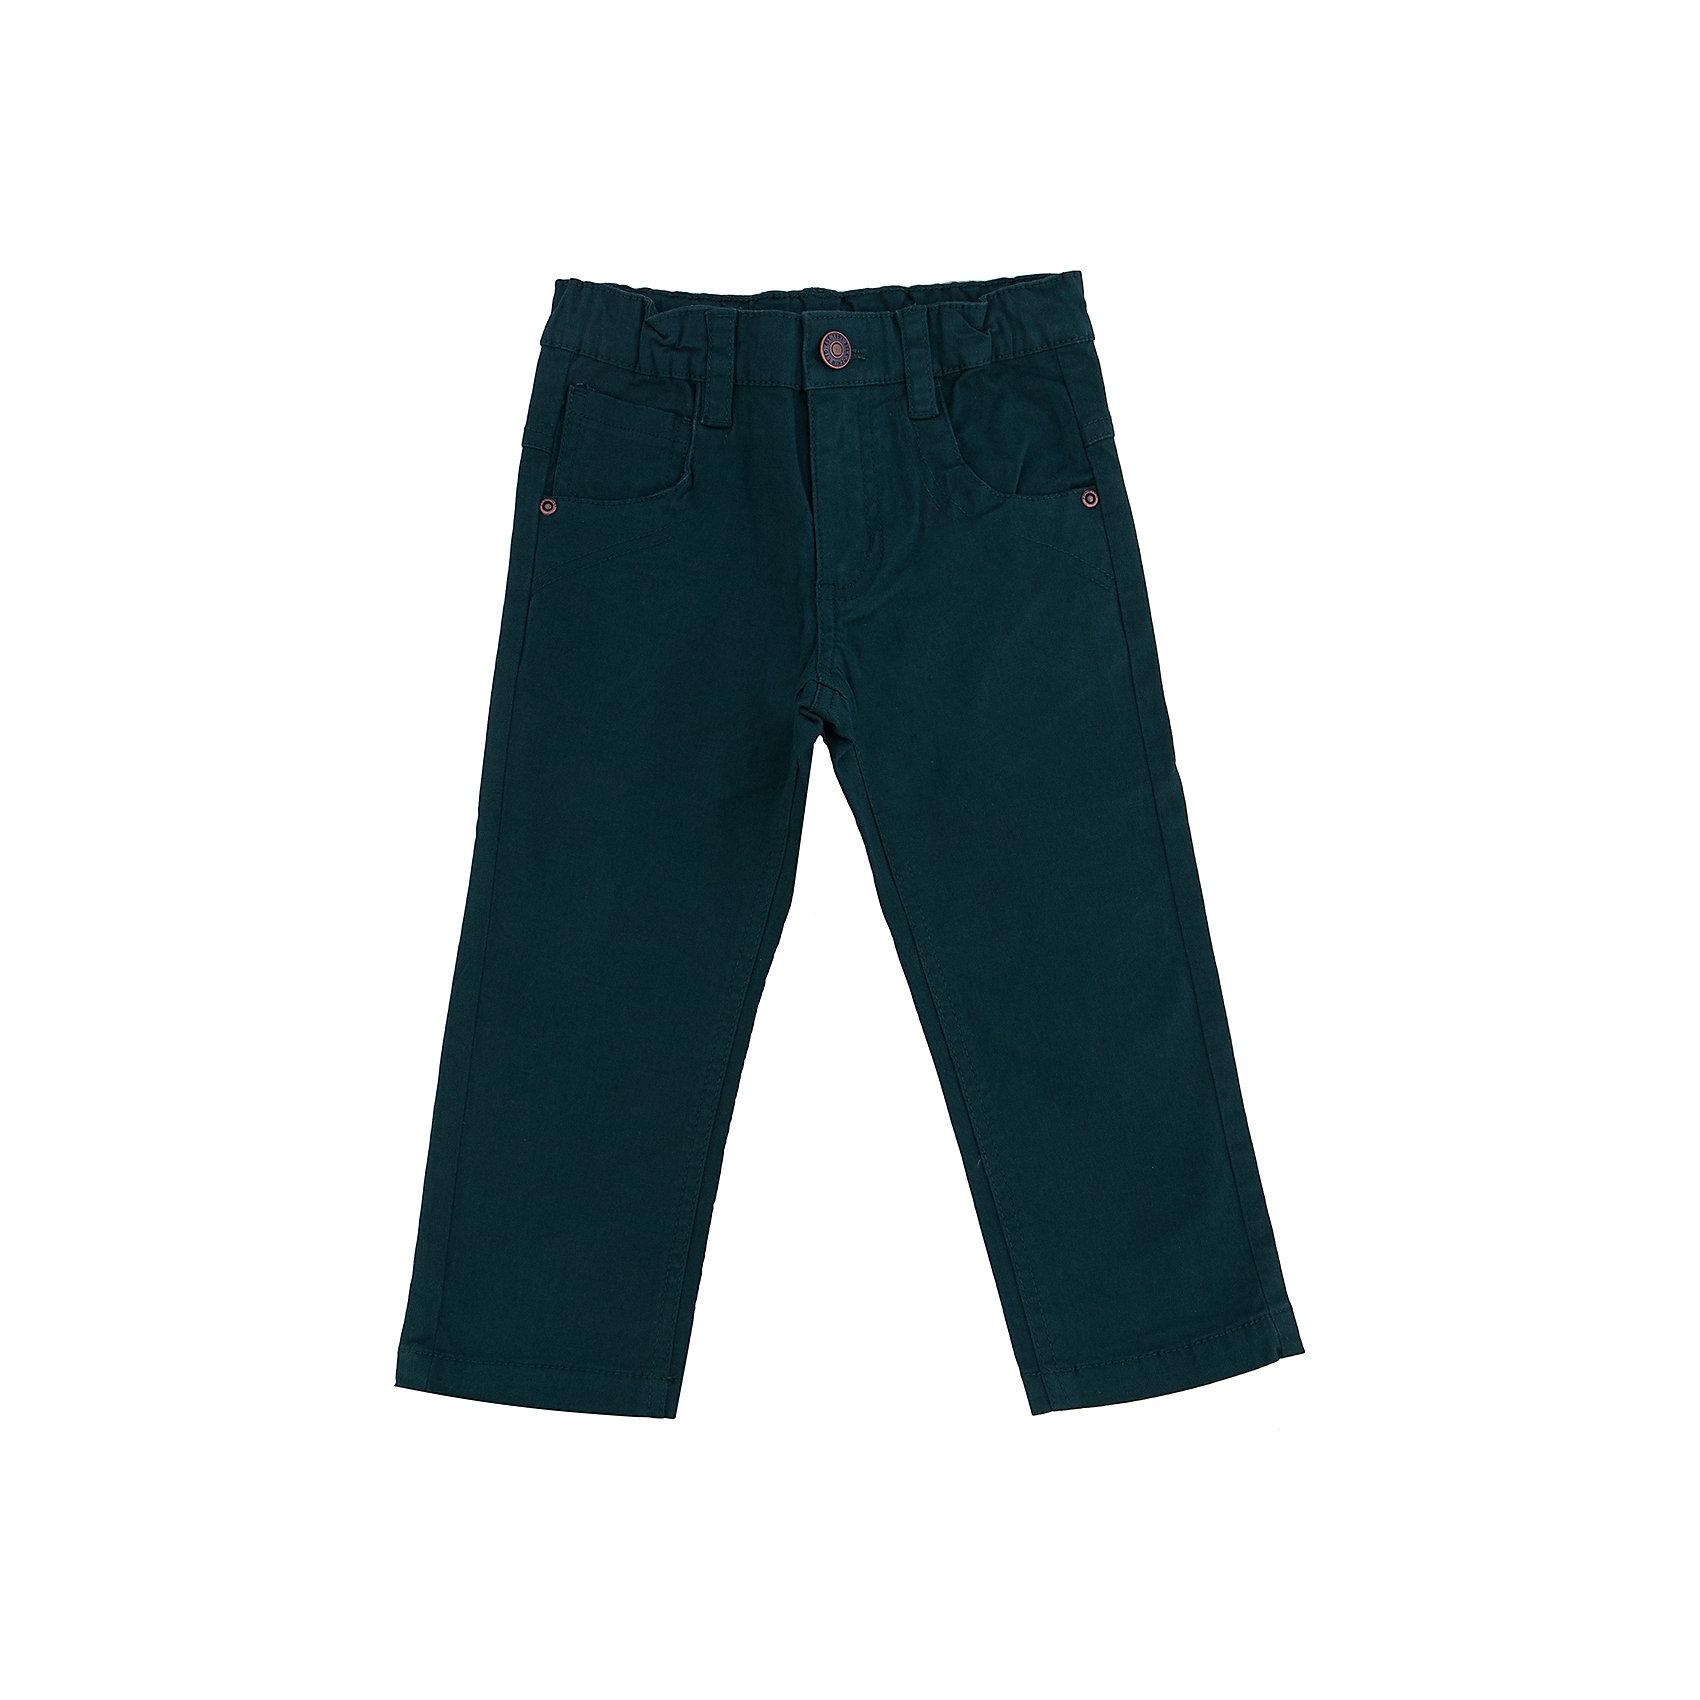 Брюки для мальчика SELAУниверсальные брюки - незаменимая вещь в детском гардеробе. Эта модель отлично сидит на ребенке, она сшита из плотного материала, натуральный хлопок не вызывает аллергии и обеспечивает ребенку комфорт. Модель станет отличной базовой вещью, которая будет уместна в различных сочетаниях.<br>Одежда от бренда Sela (Села) - это качество по приемлемым ценам. Многие российские родители уже оценили преимущества продукции этой компании и всё чаще приобретают одежду и аксессуары Sela.<br><br>Дополнительная информация:<br><br>прямой силуэт;<br>материал: 98% хлопок, 2% эластан;<br>плотный материал.<br><br>Брюки для мальчика от бренда Sela можно купить в нашем интернет-магазине.<br><br>Ширина мм: 215<br>Глубина мм: 88<br>Высота мм: 191<br>Вес г: 336<br>Цвет: зеленый<br>Возраст от месяцев: 60<br>Возраст до месяцев: 72<br>Пол: Мужской<br>Возраст: Детский<br>Размер: 116,92,98,104,110<br>SKU: 4883572